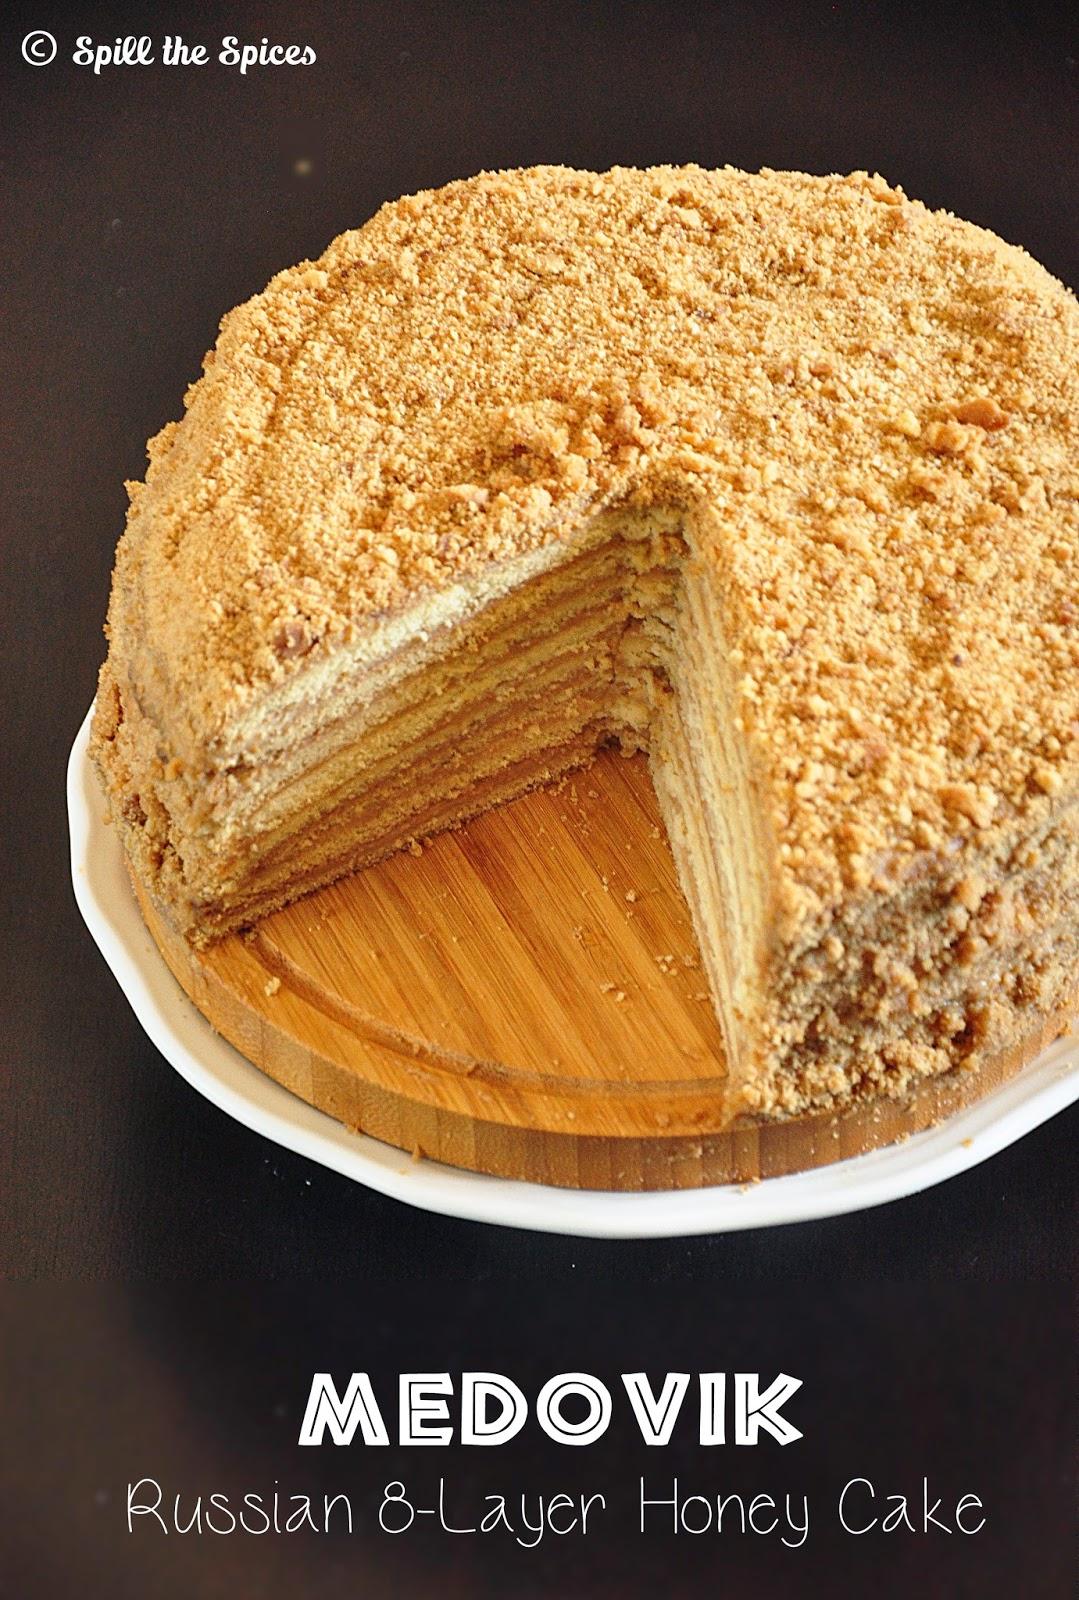 Authentic Russian Honey Cake Recipe